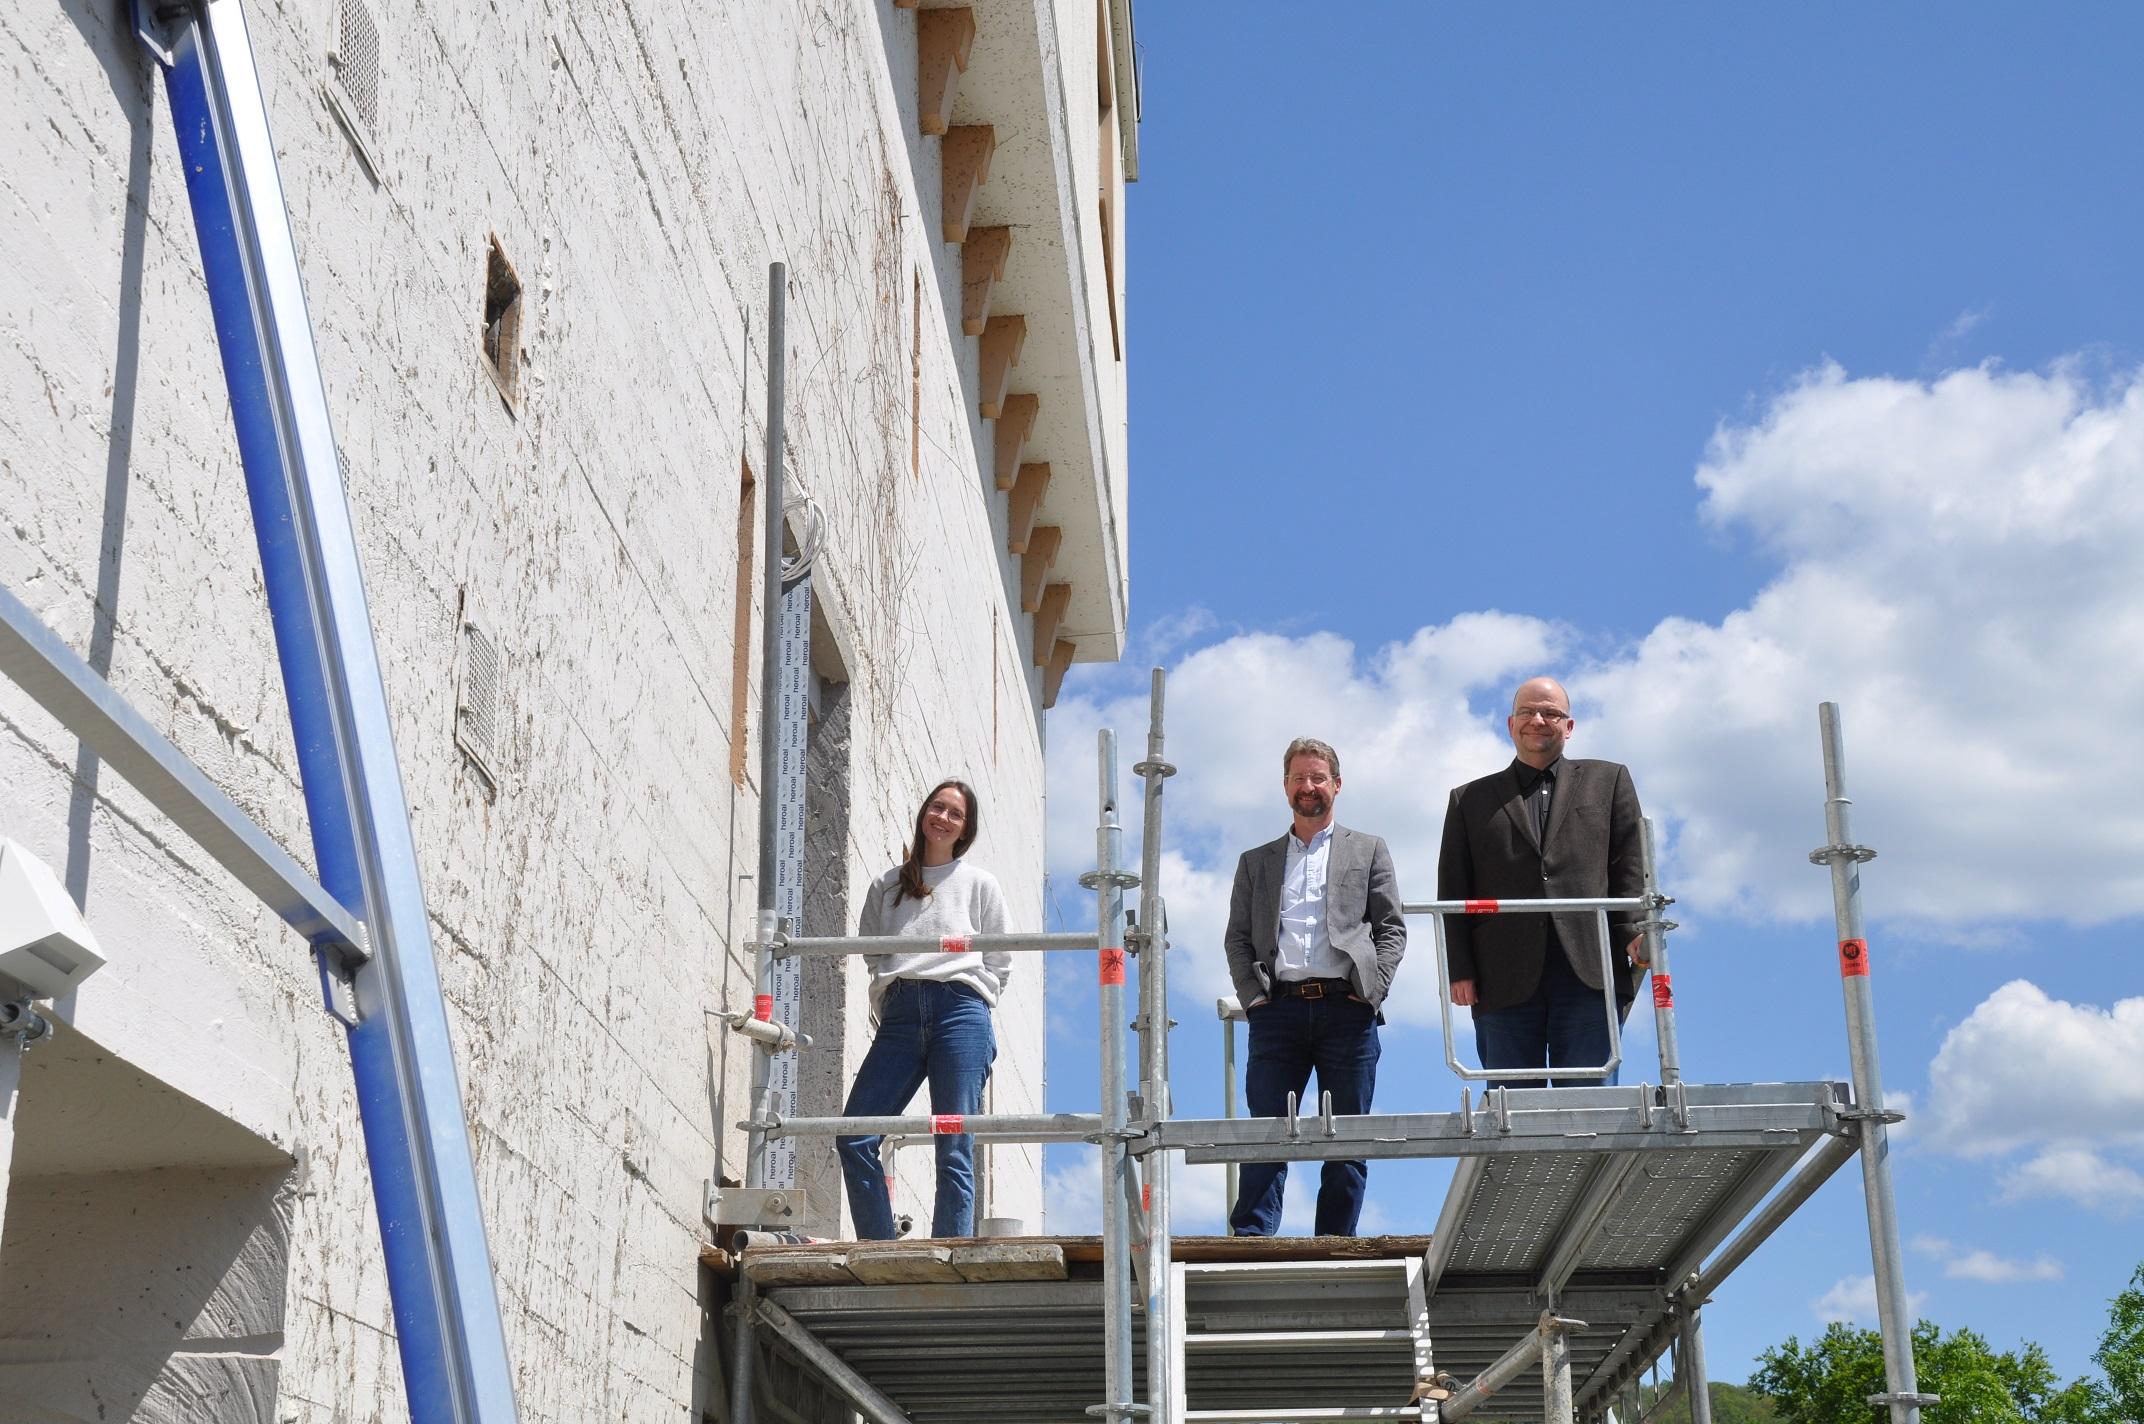 Drei Menschen stehen auf einem Gerüst neben einem massiven Gebäude